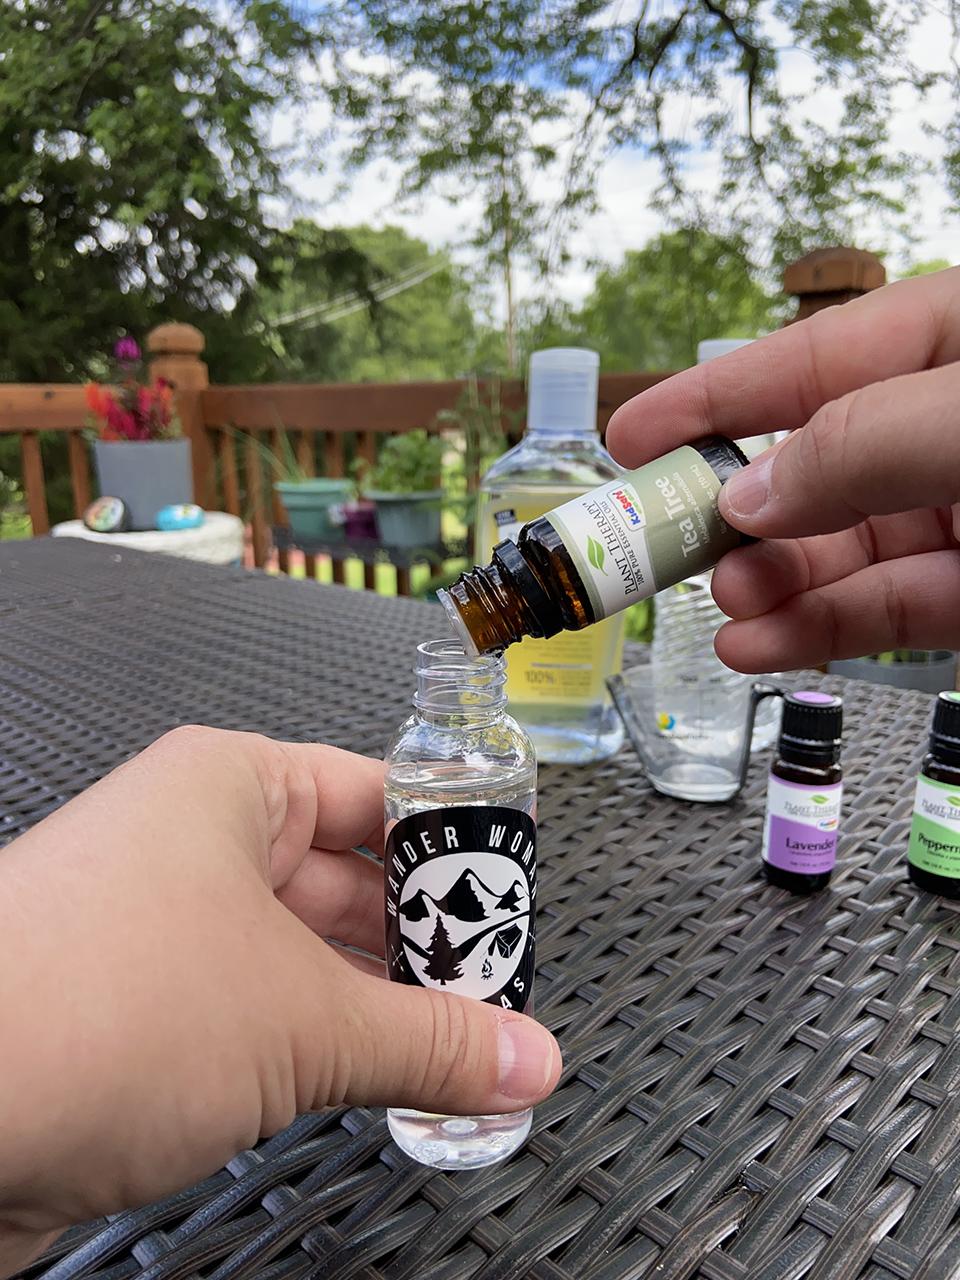 Adding Tea Tree Oil